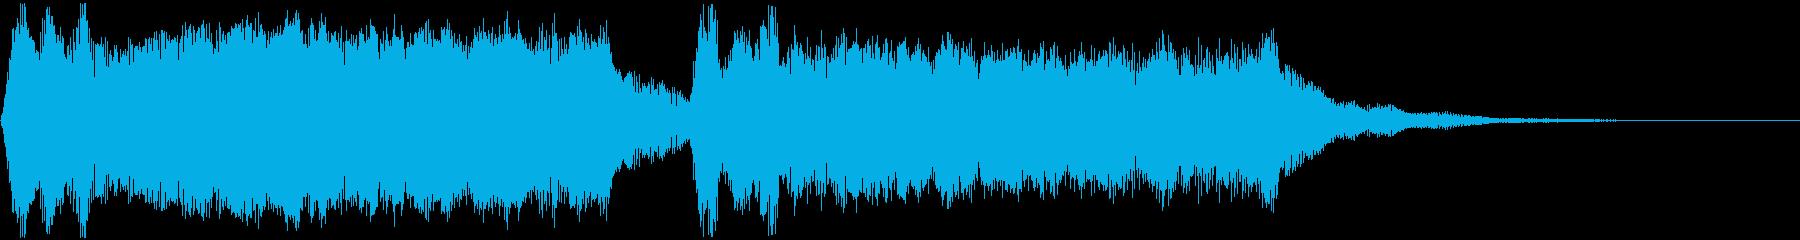 ベートーベン「運命」のジングル版です!の再生済みの波形